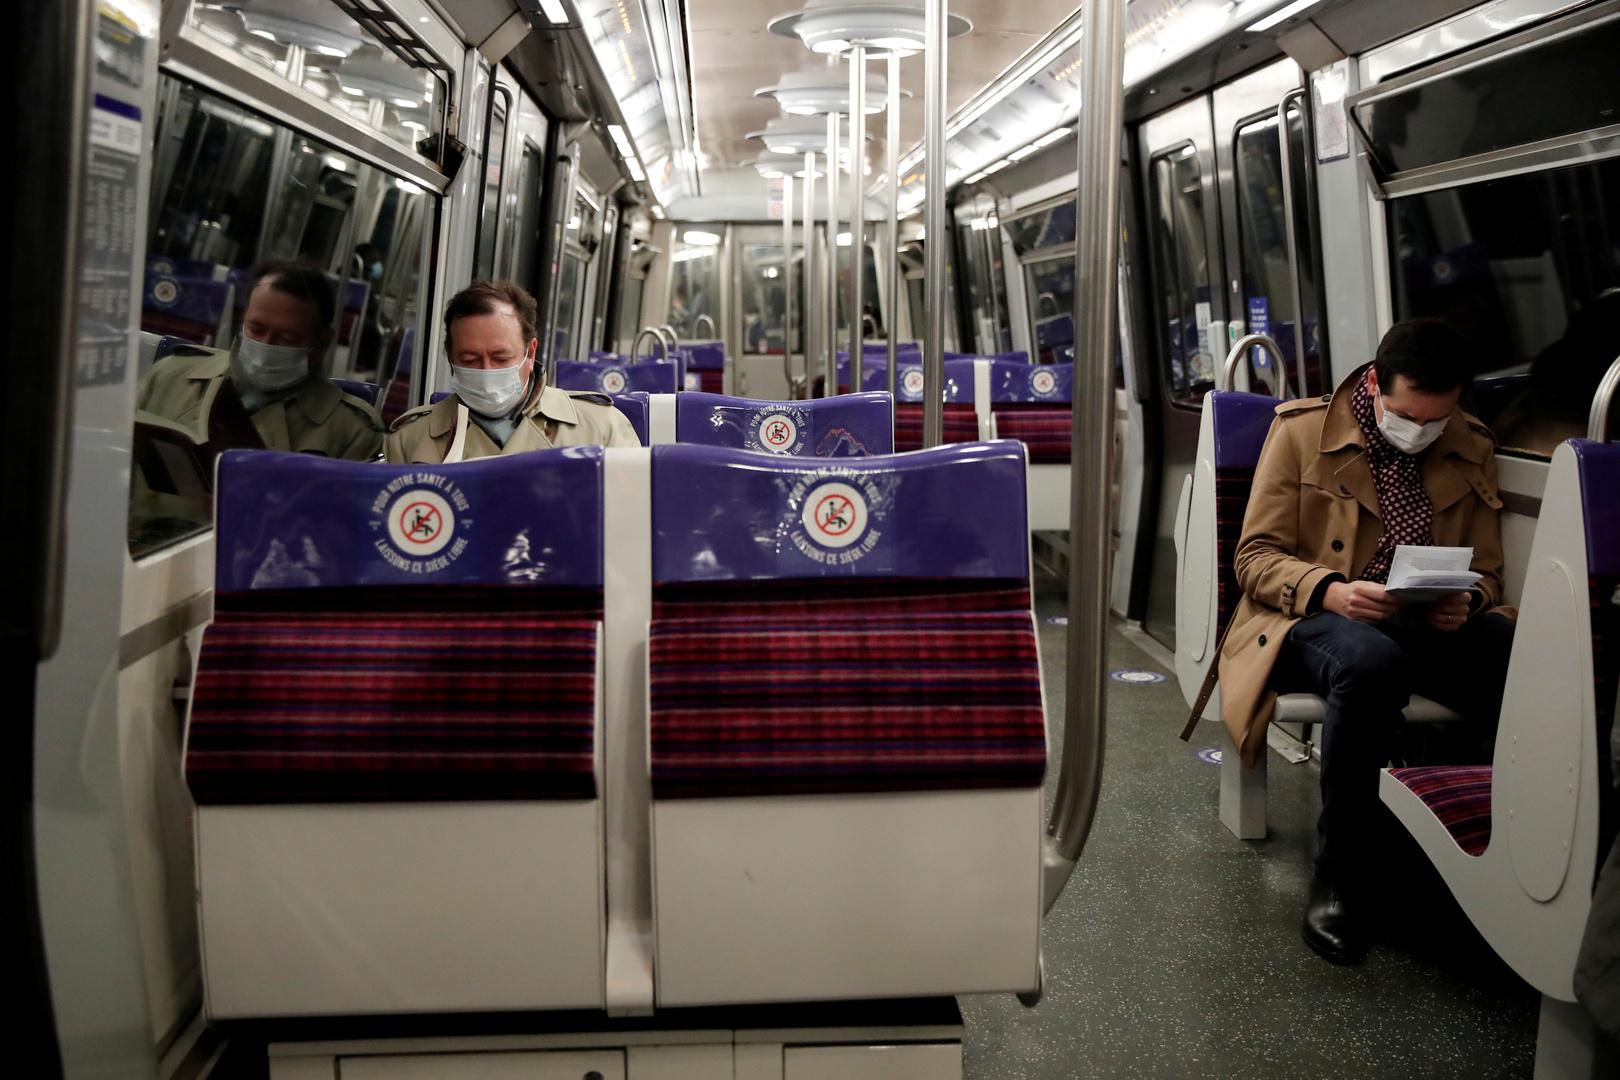 أطباء فرنسيون يوصون بعدم الكلام أو التحدث بالهاتف أثناء ركوب وسائل النقل العام